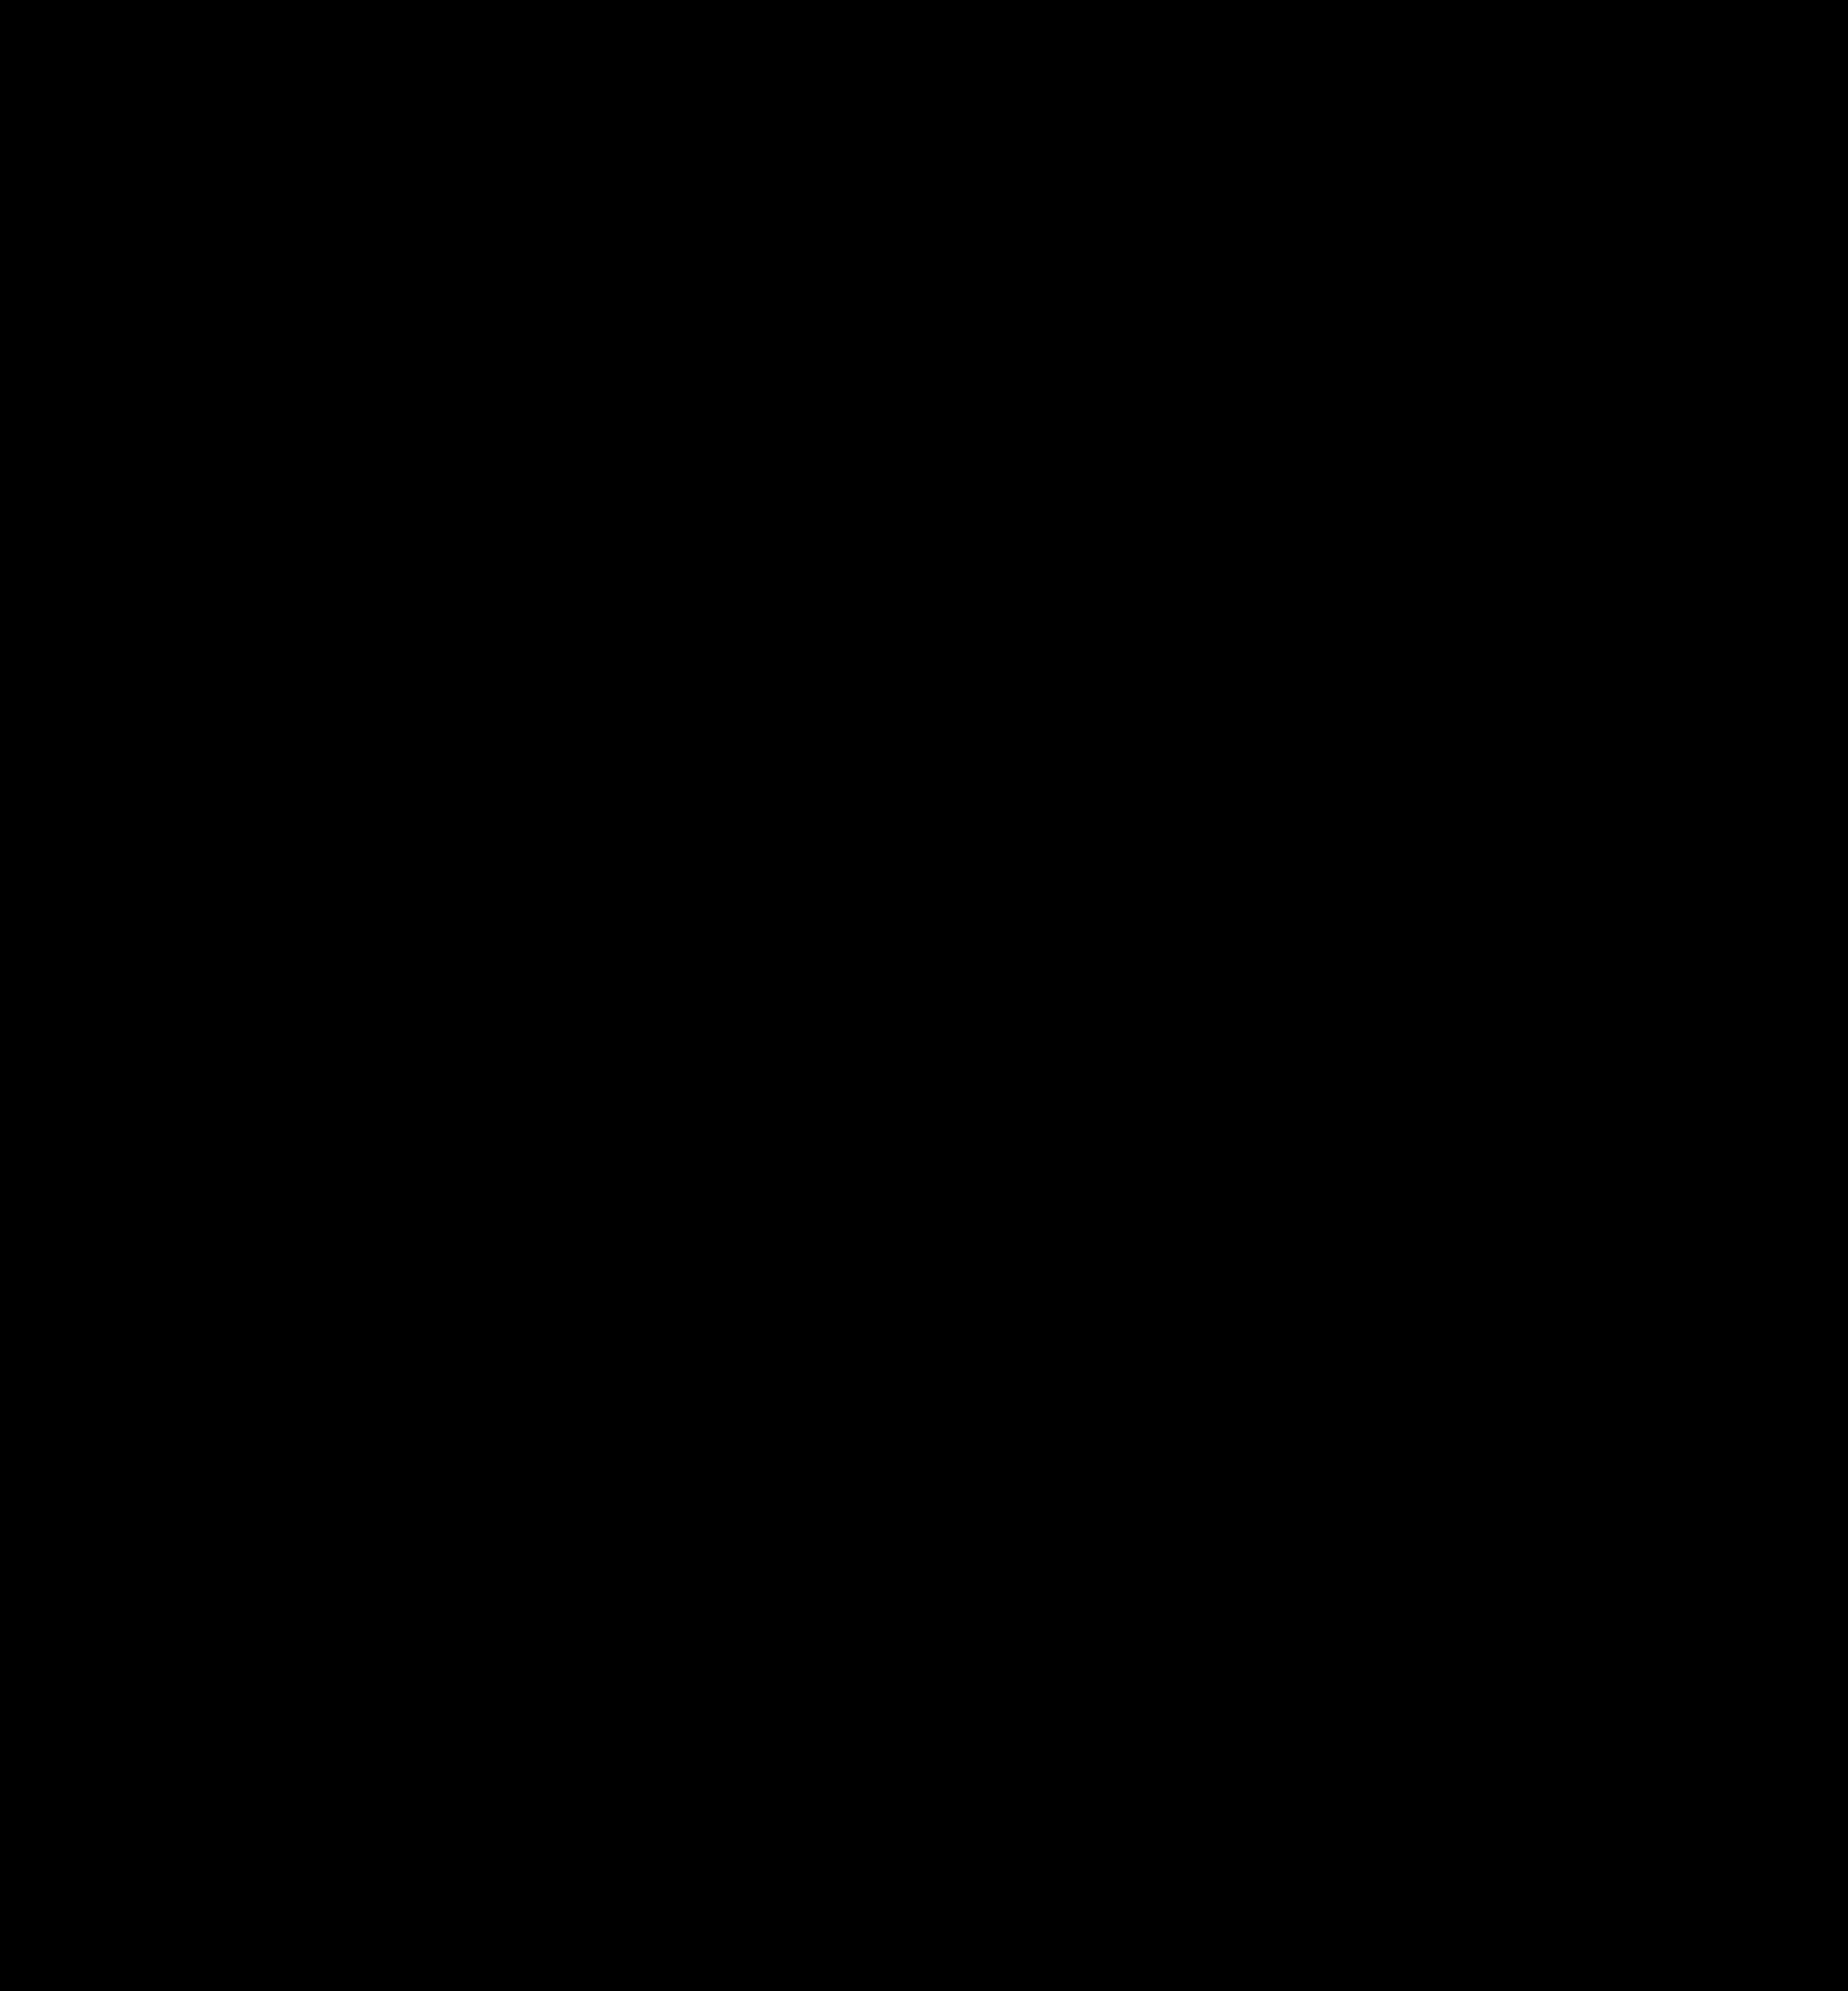 Karta Syd Norge.File Kart Over Det Sydlige Norge Nordlig Blad No Nb Krt 00842 Jpg